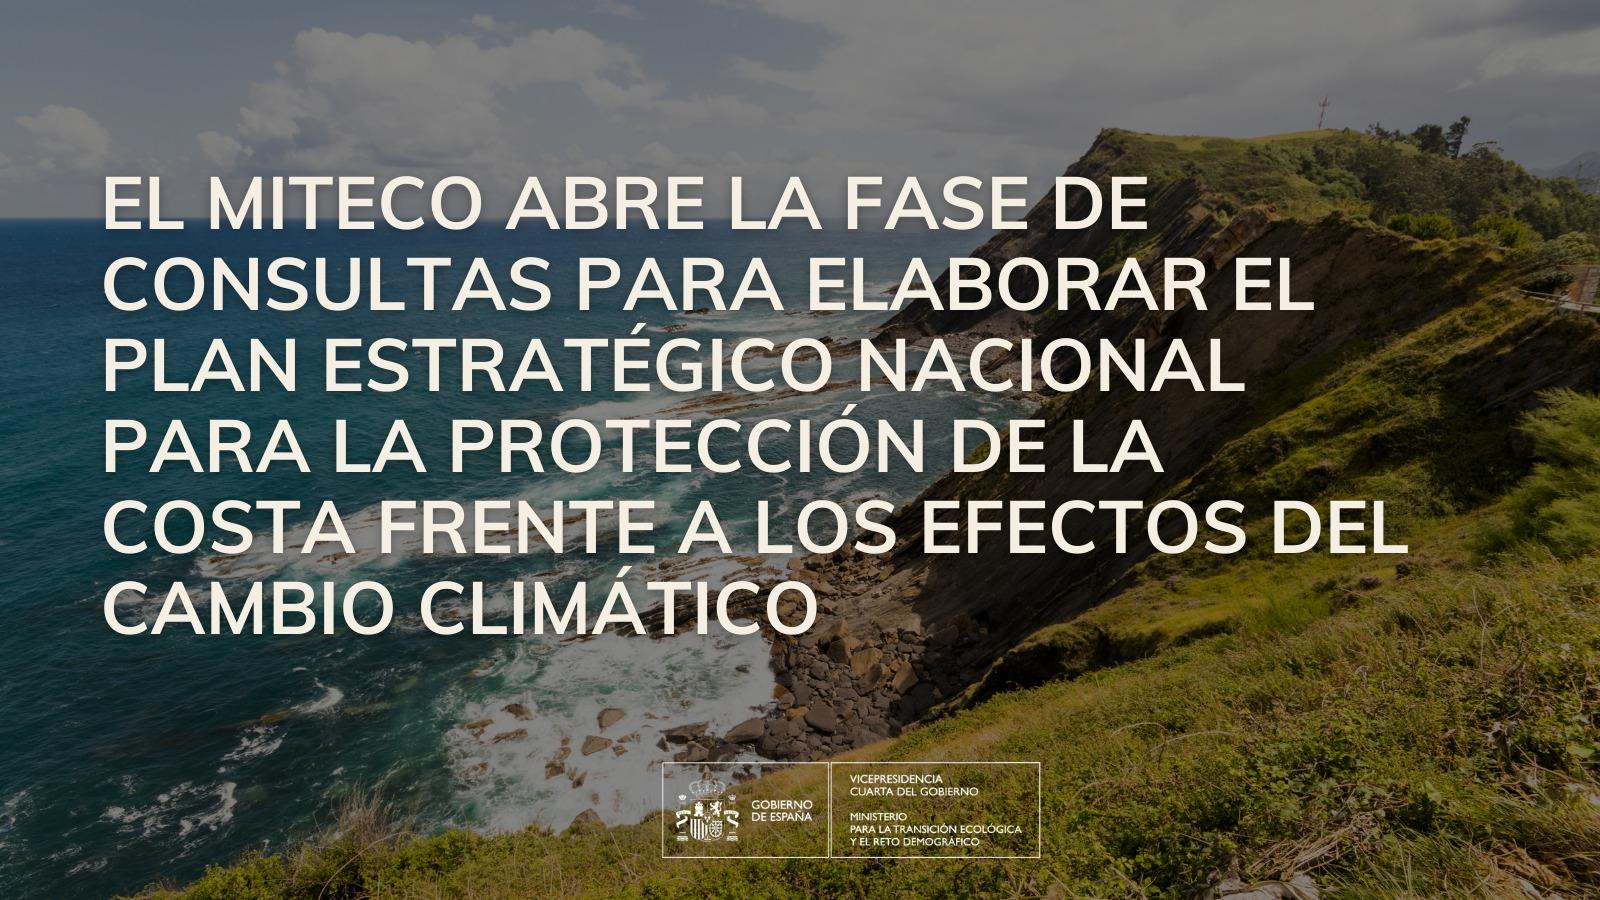 Plan Estratégico para la Protección de la Costa frente al cambio climáticto